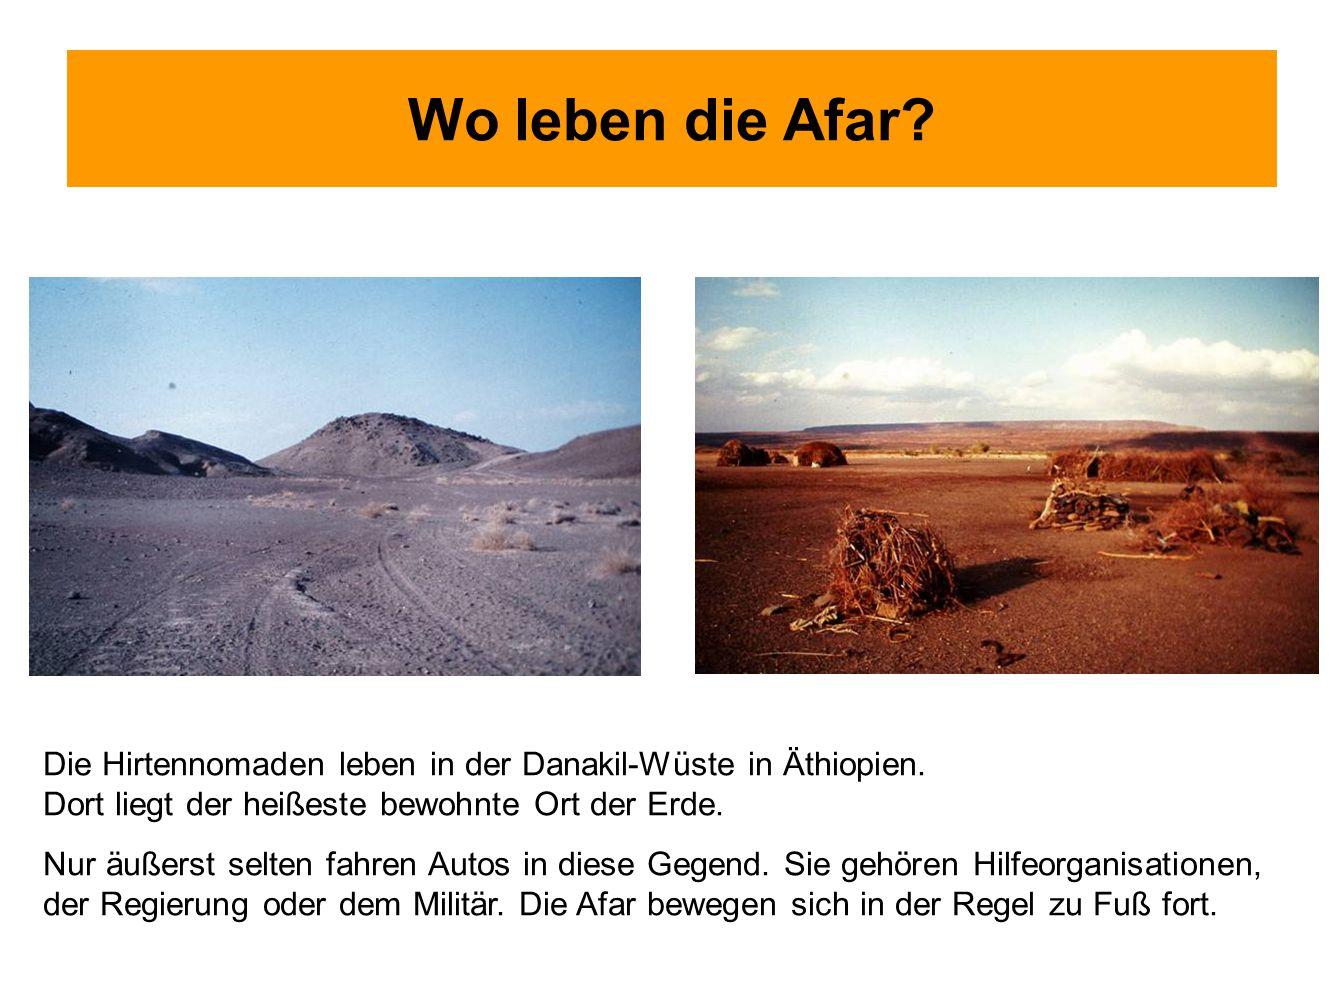 Wo leben die Afar Die Hirtennomaden leben in der Danakil-Wüste in Äthiopien. Dort liegt der heißeste bewohnte Ort der Erde.